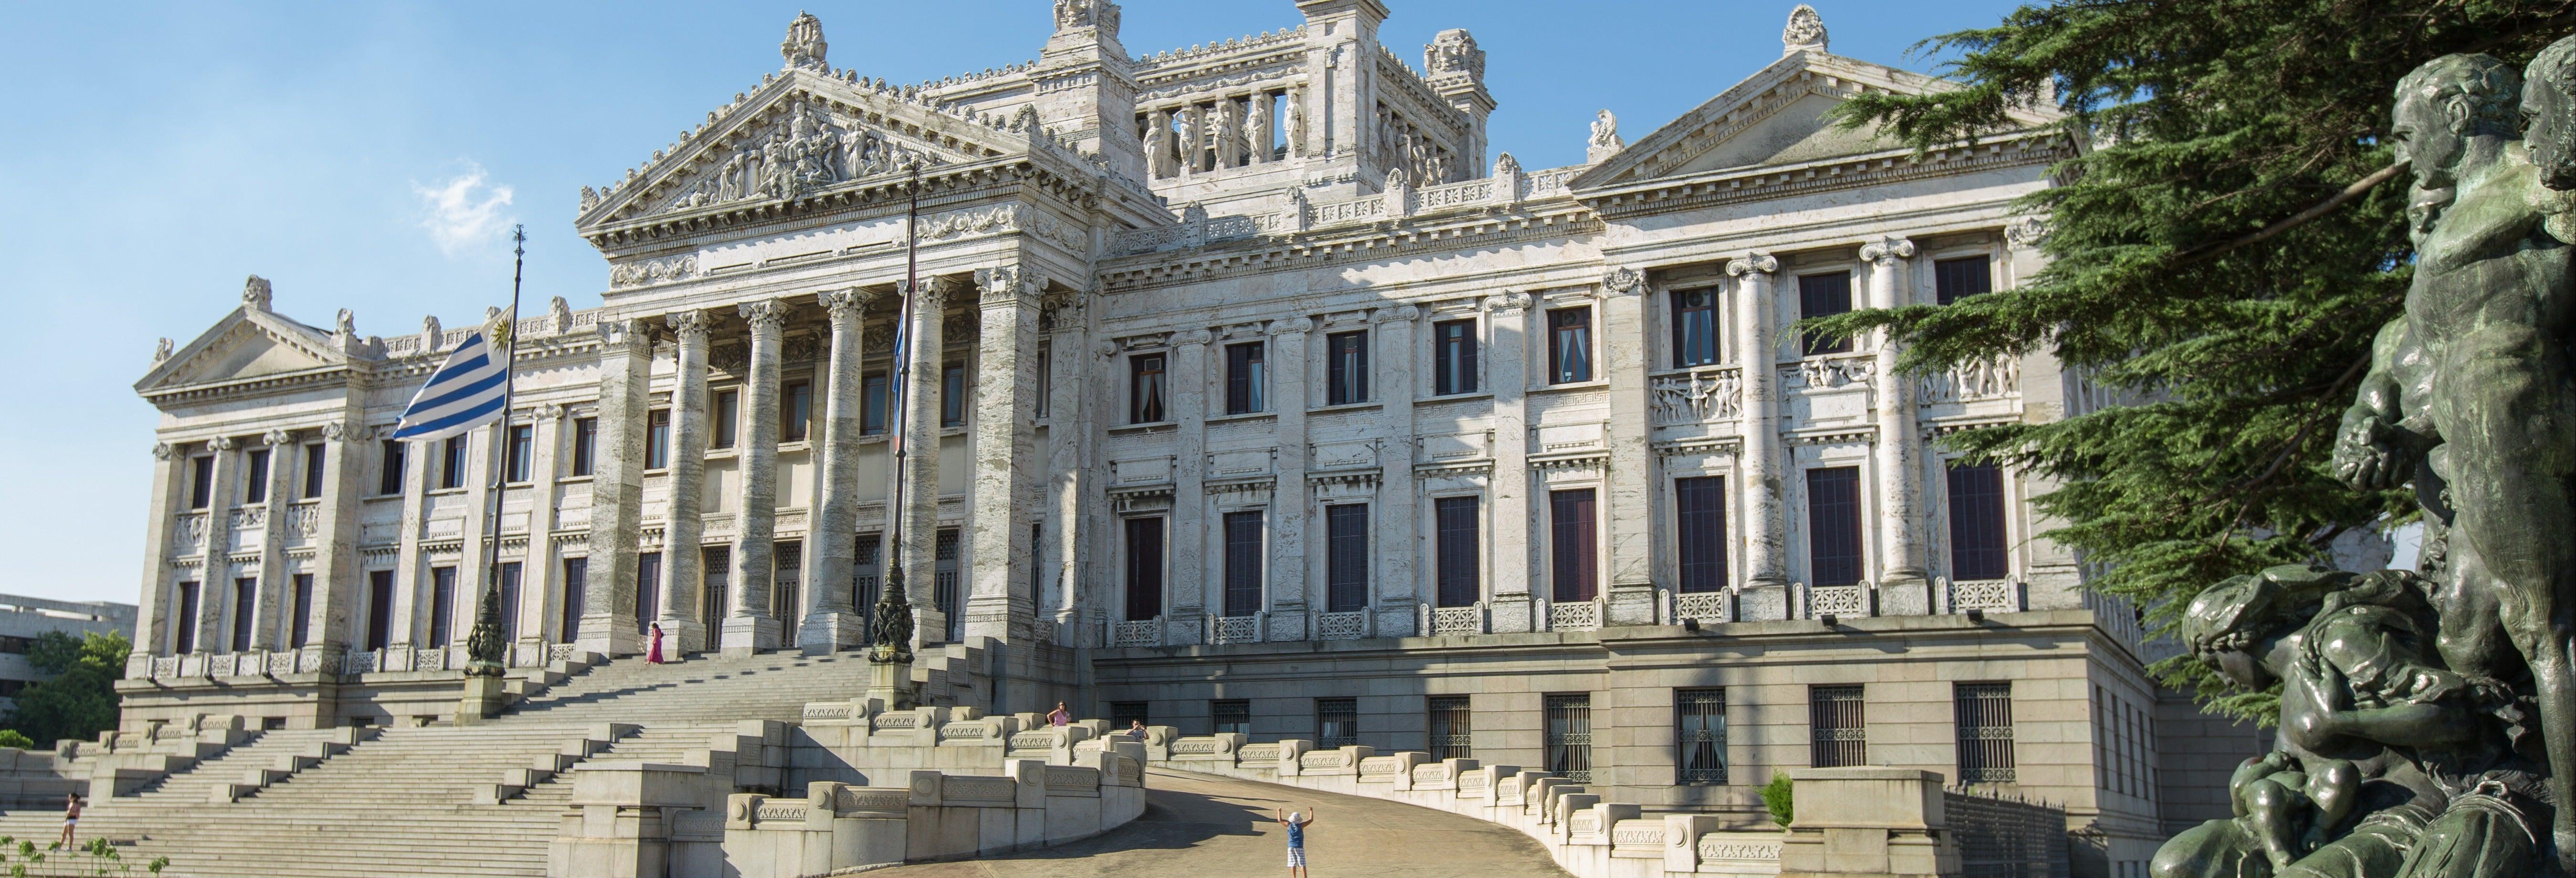 Escursione libera a Montevideo